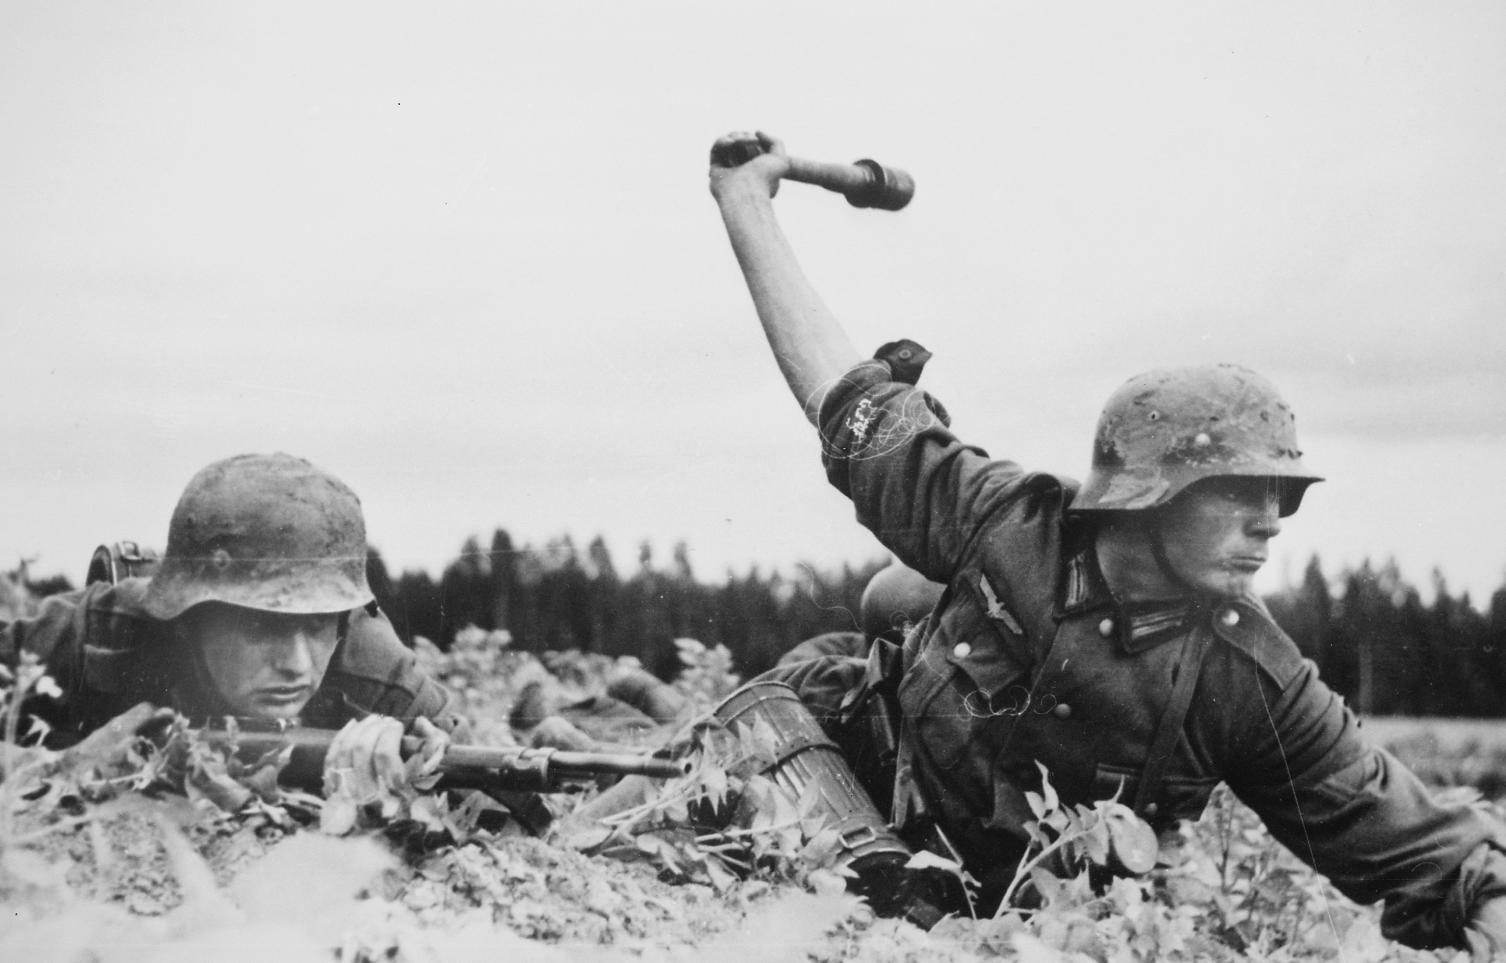 German troops in action.